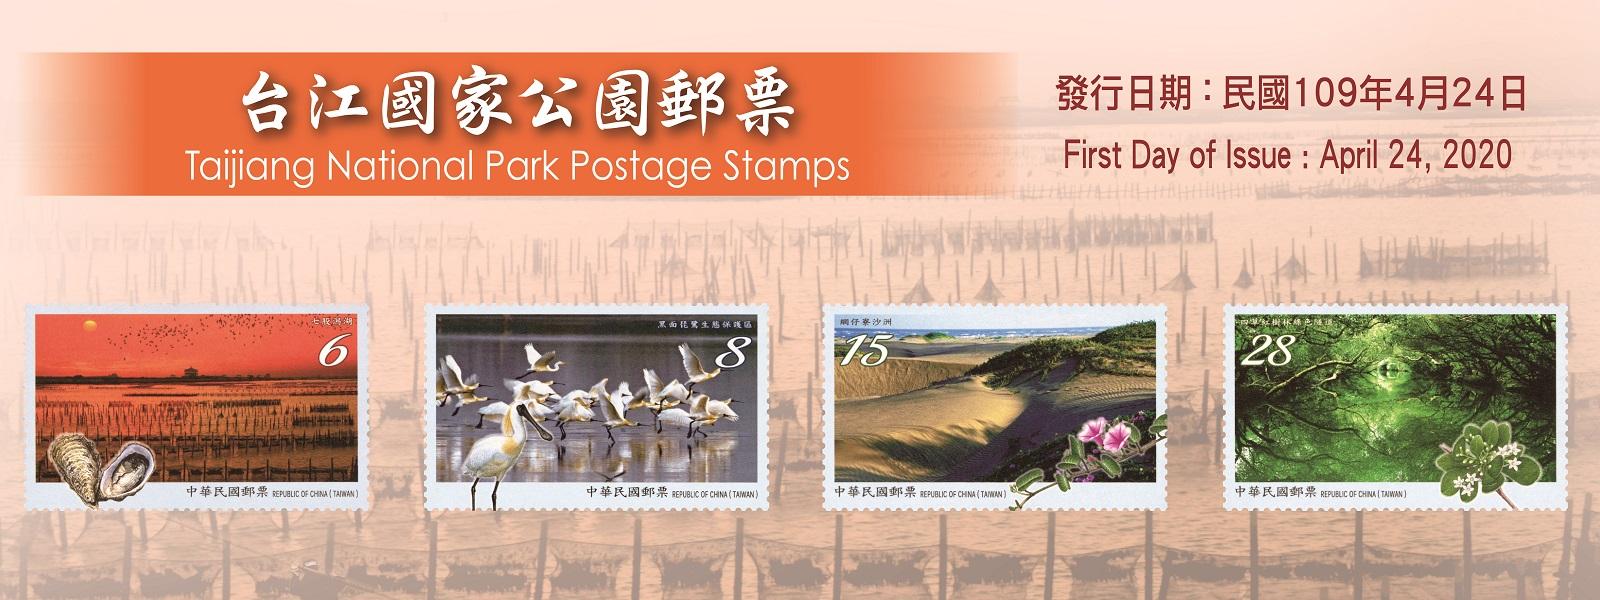 廣告連結:特691 台江國家公園郵票